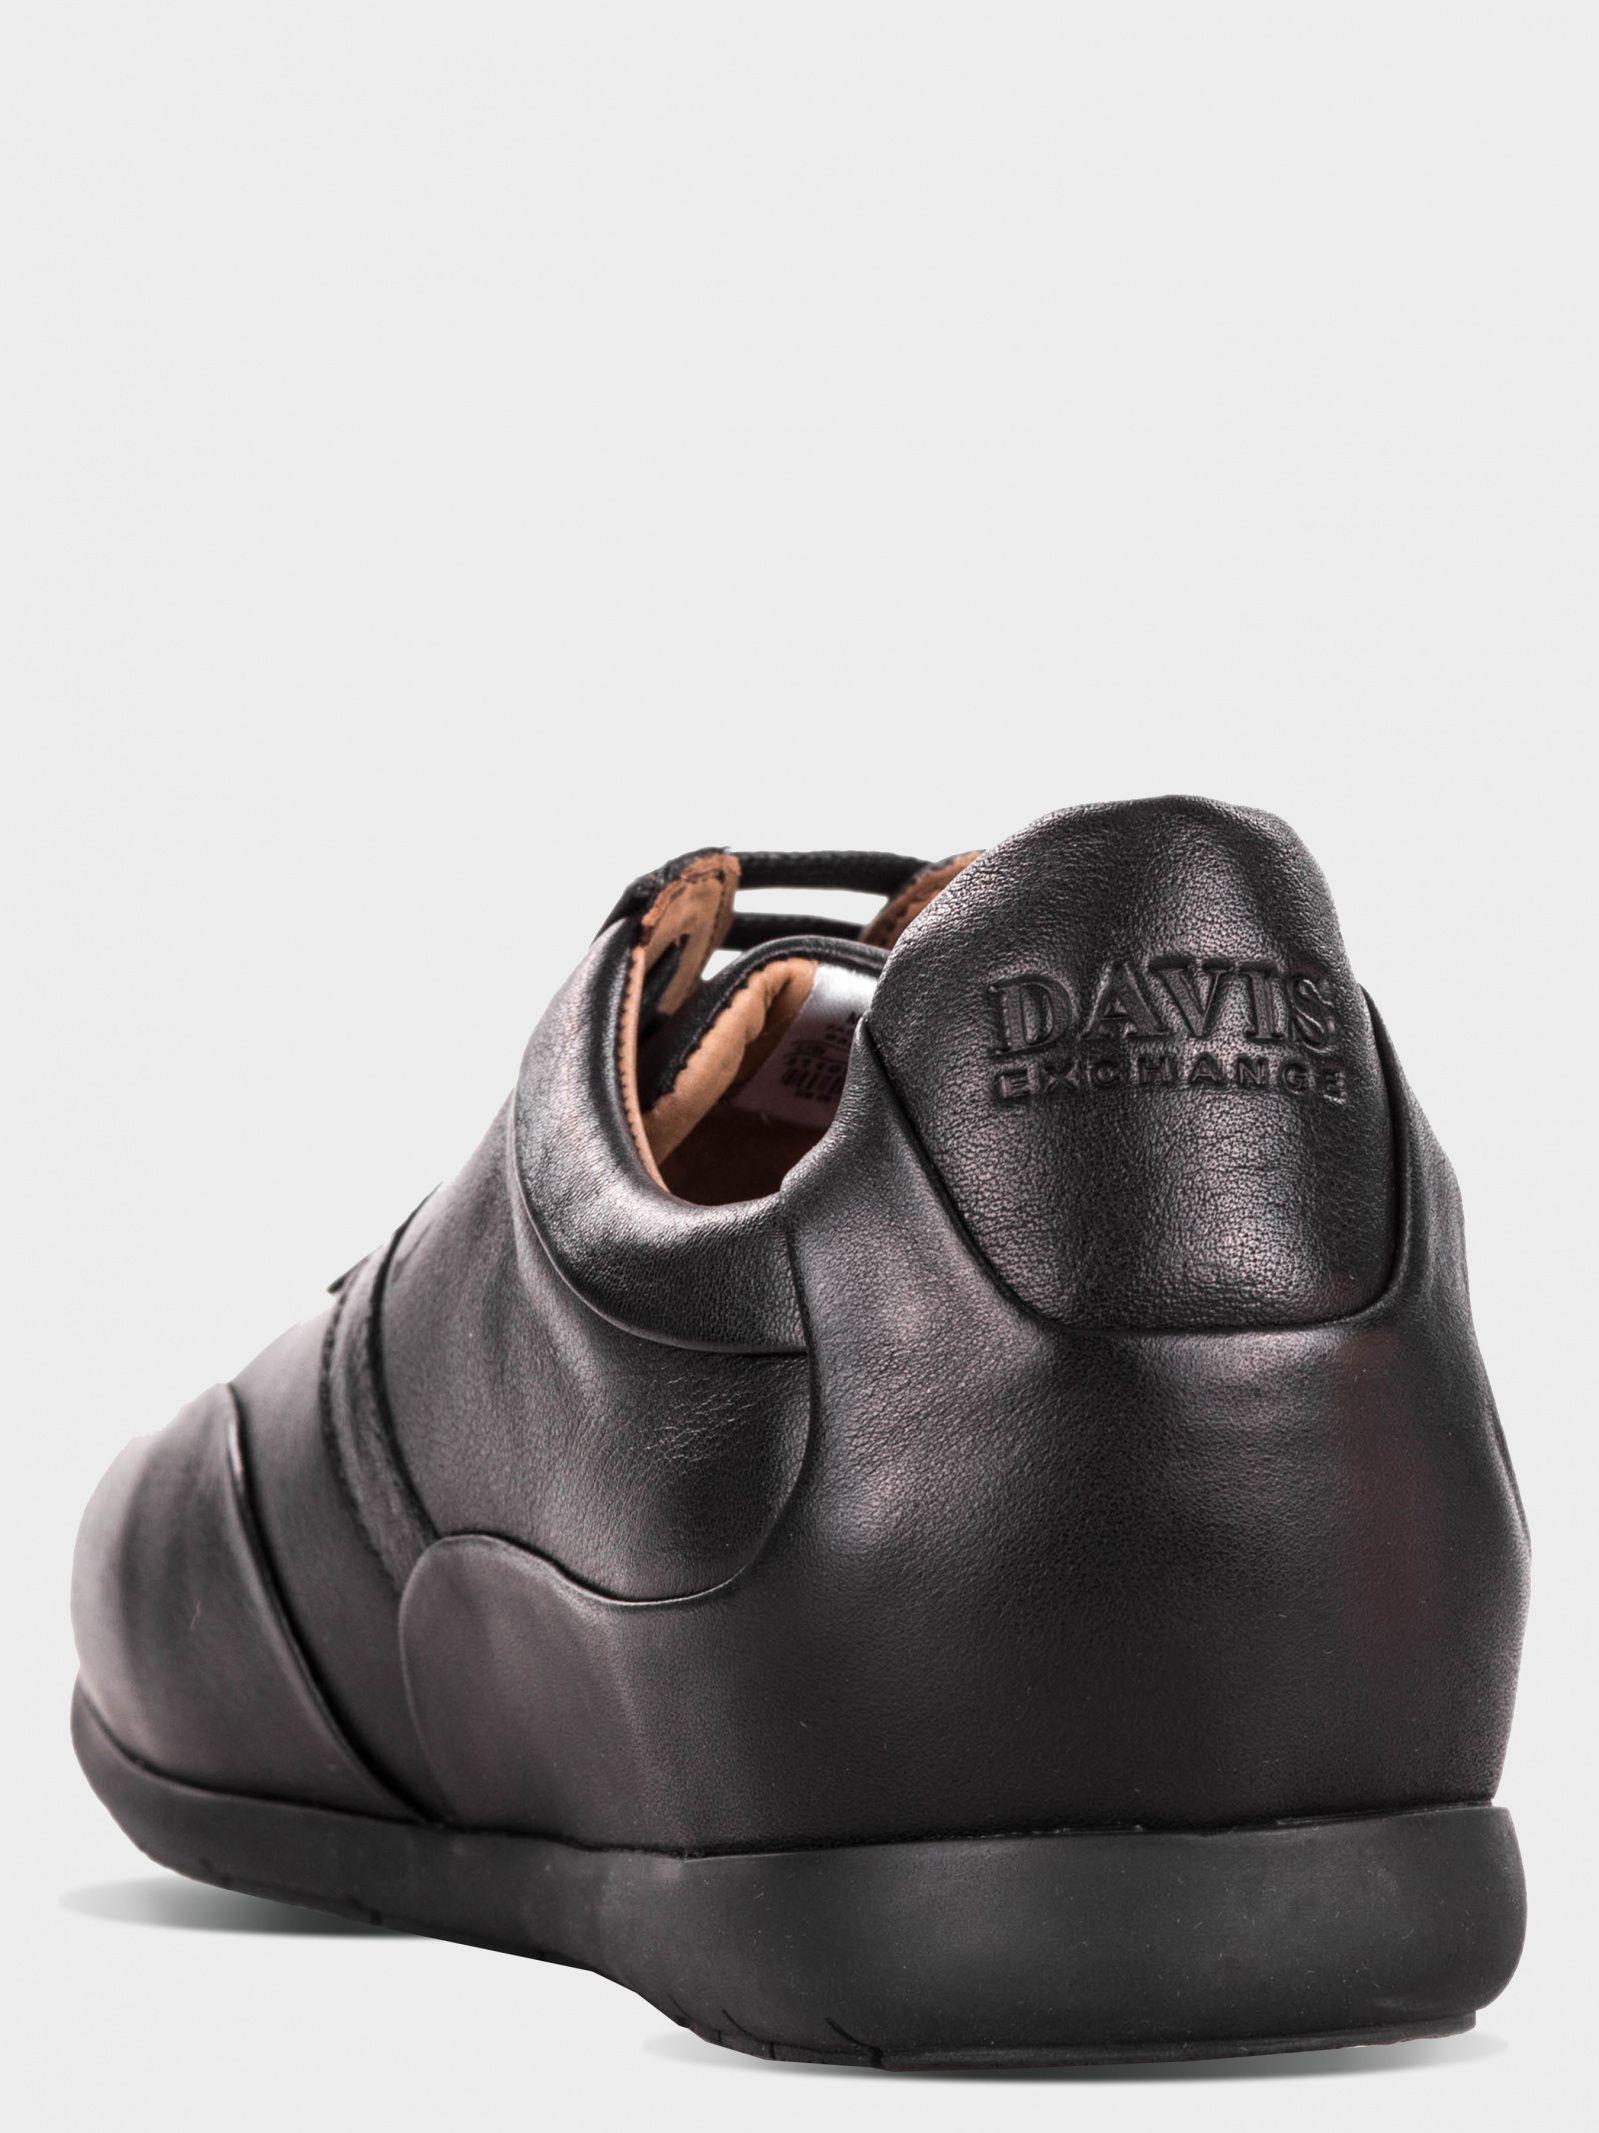 Полуботинки для мужчин Davis dynamic shoes 9O49 продажа, 2017